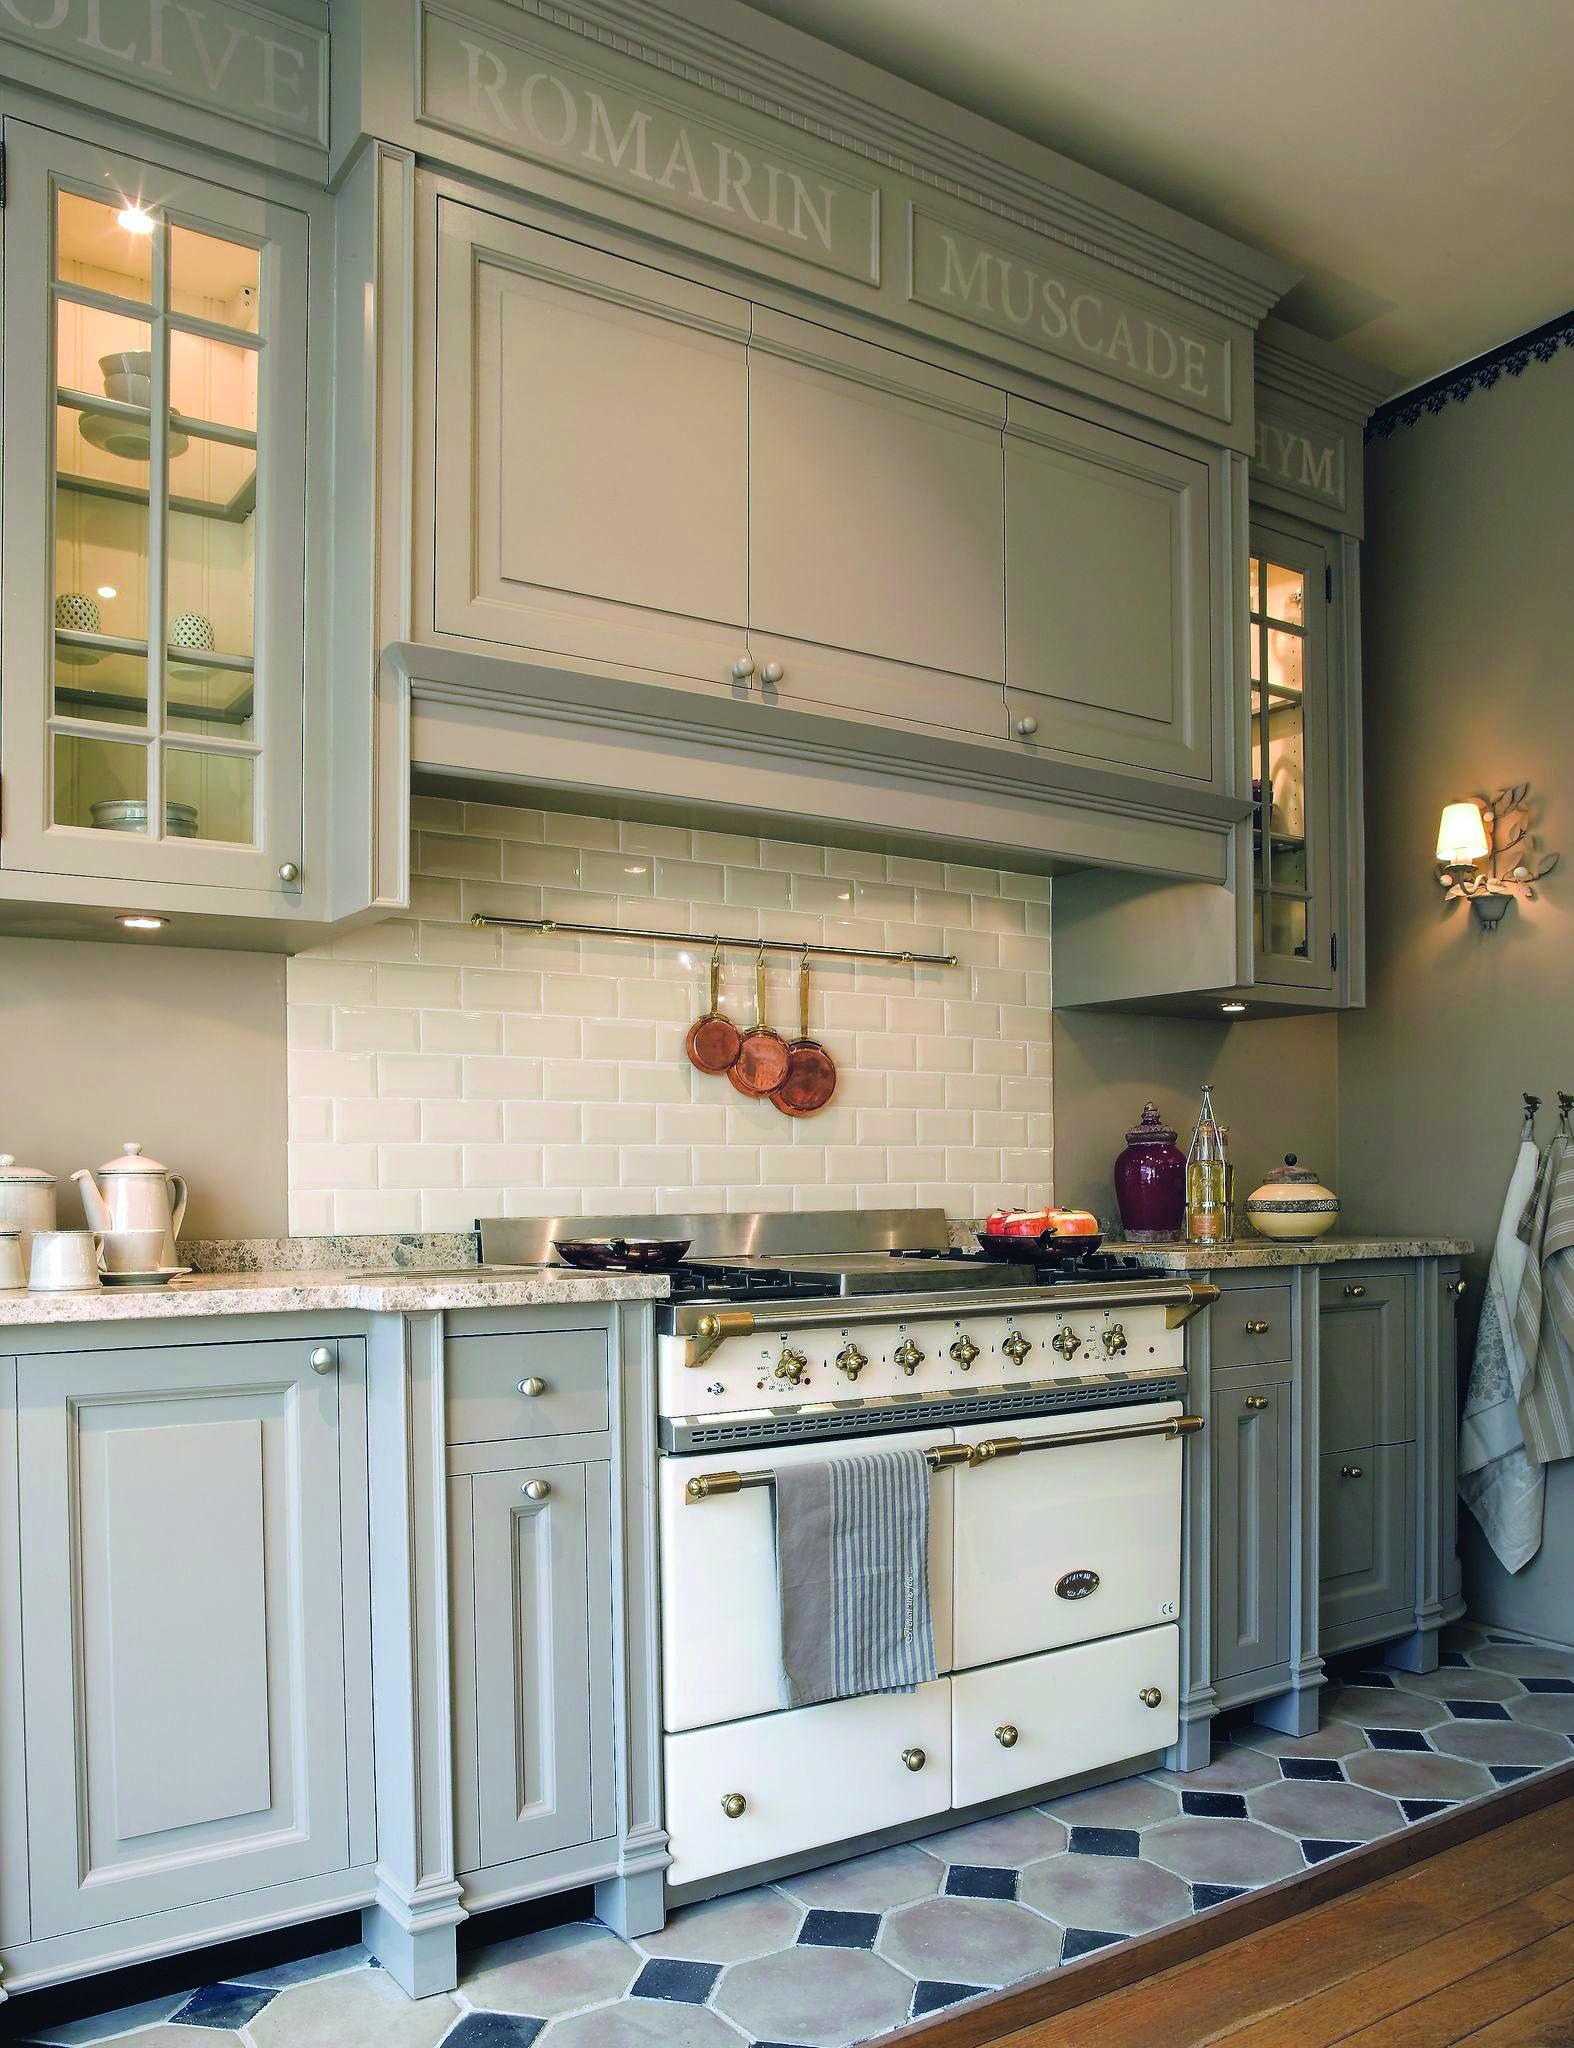 16 Metal Kitchen Cabinet Ideas Metal Kitchen Cabinets Kitchen Design Decor Kitchen Cabinet Design